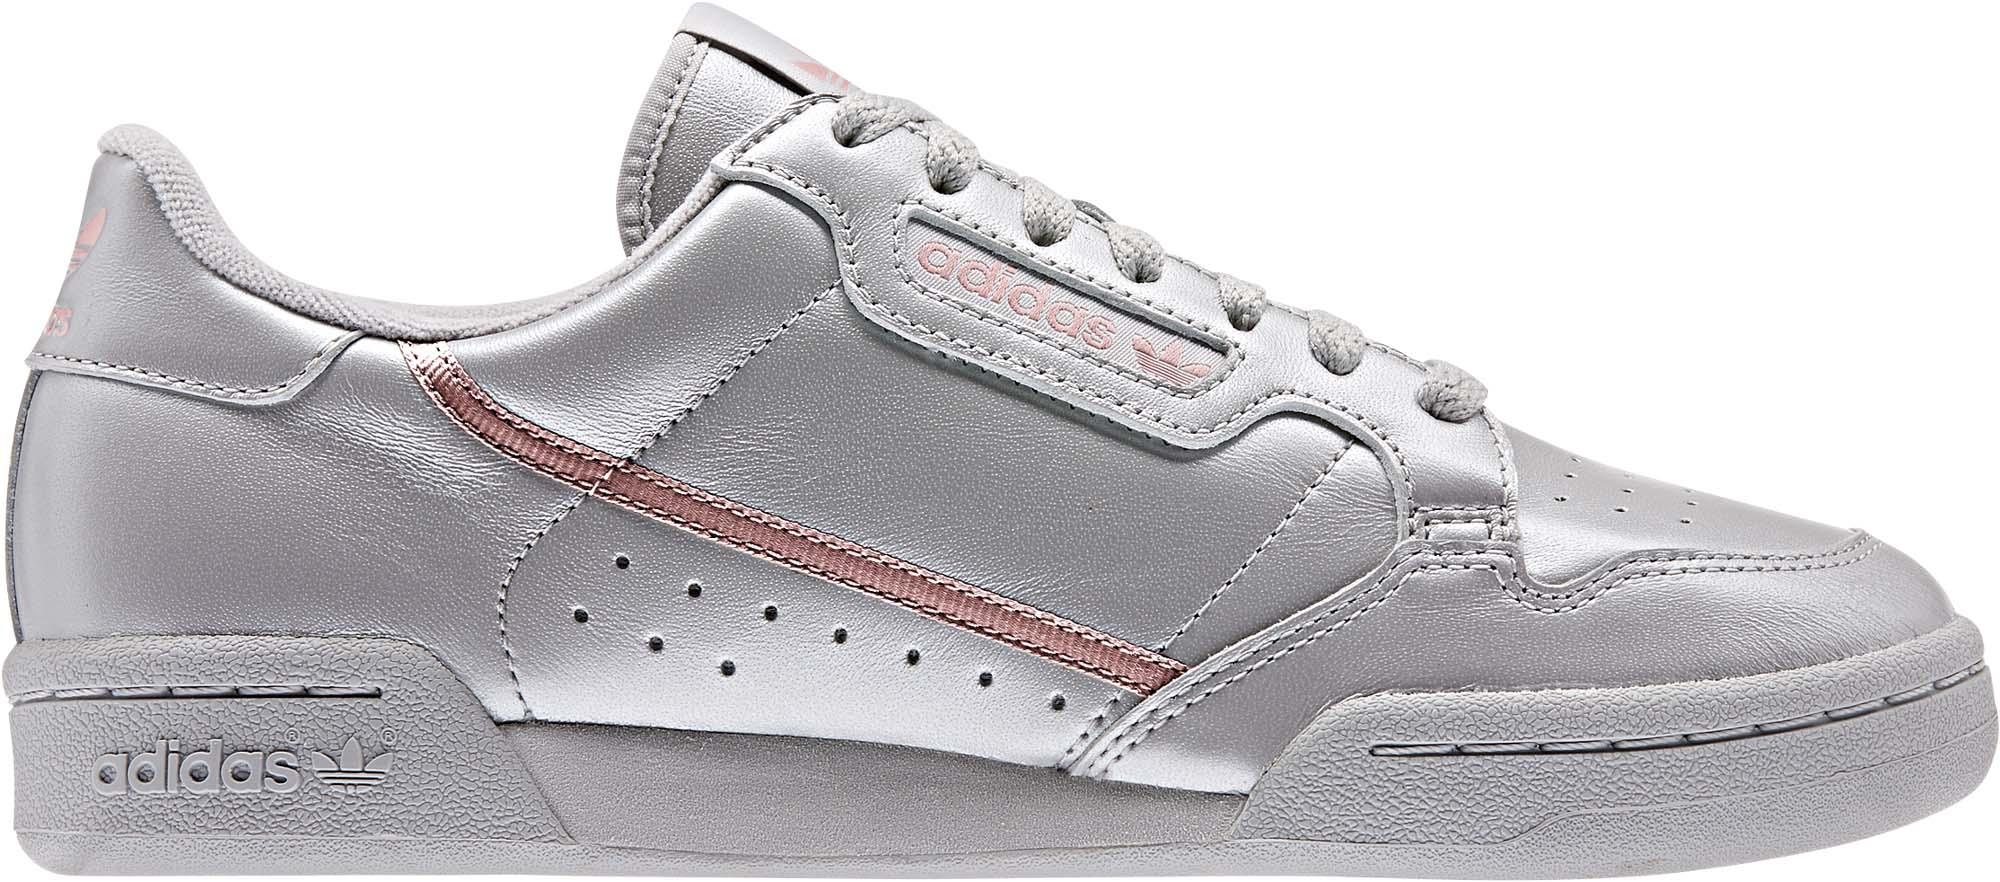 נעלי אדידס קונטיננטל 80 לנשים - Adidas Continental 80 Grey